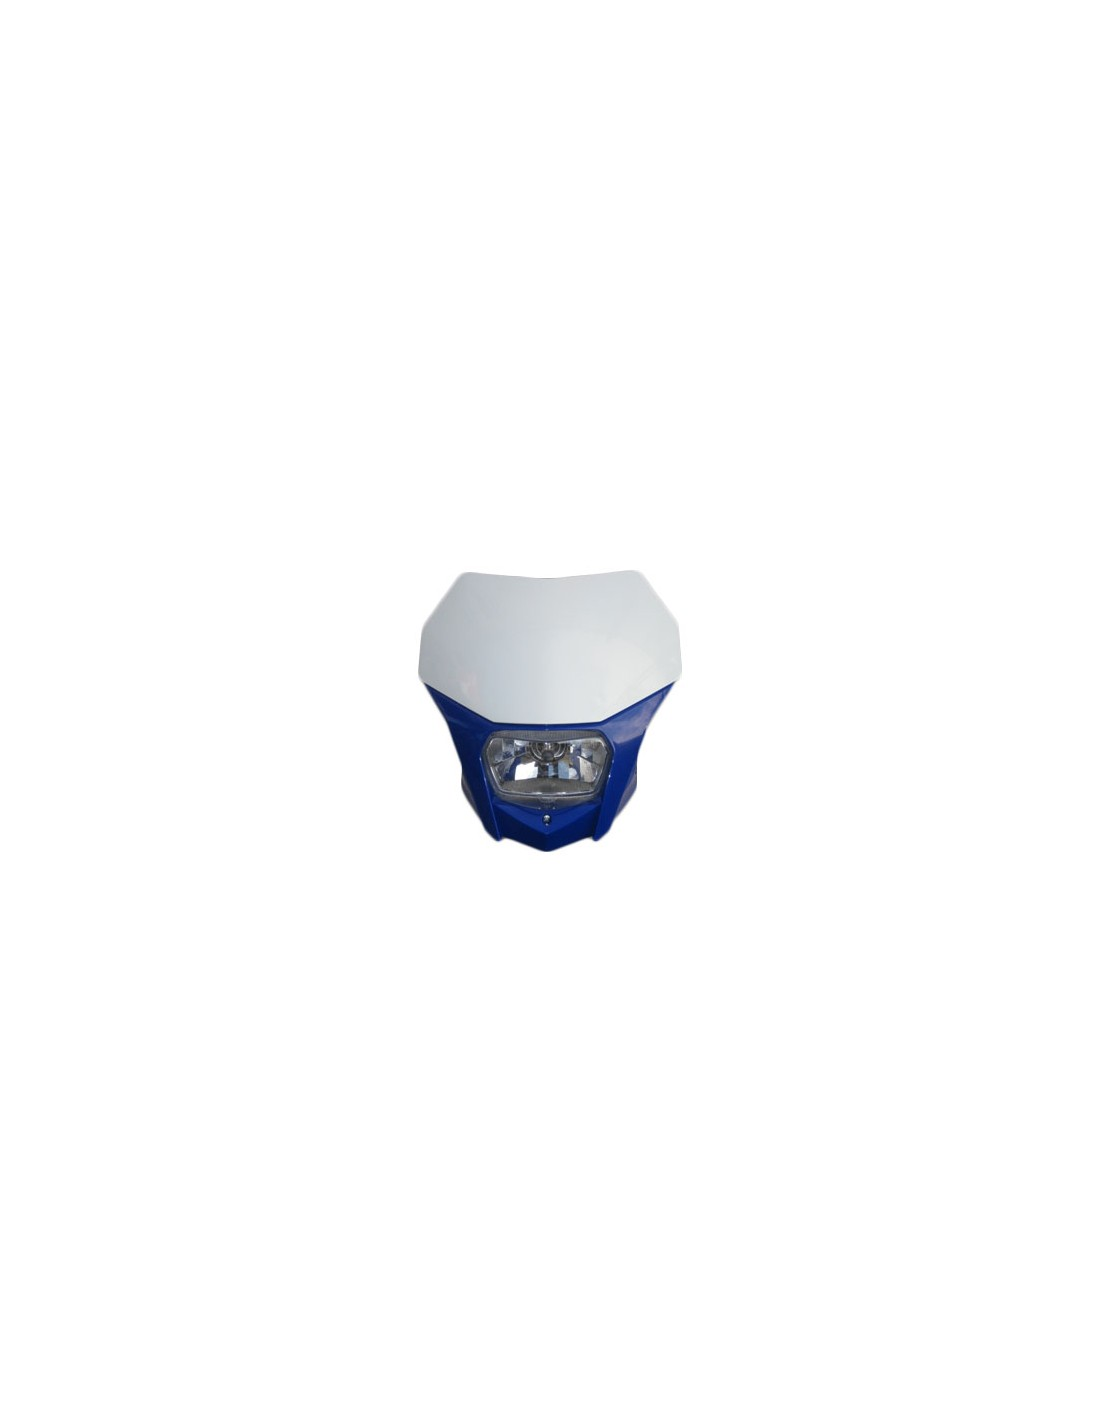 lampadina blu : Portafaro CIRCUIT bagus con lampadina alogena blu/bianco